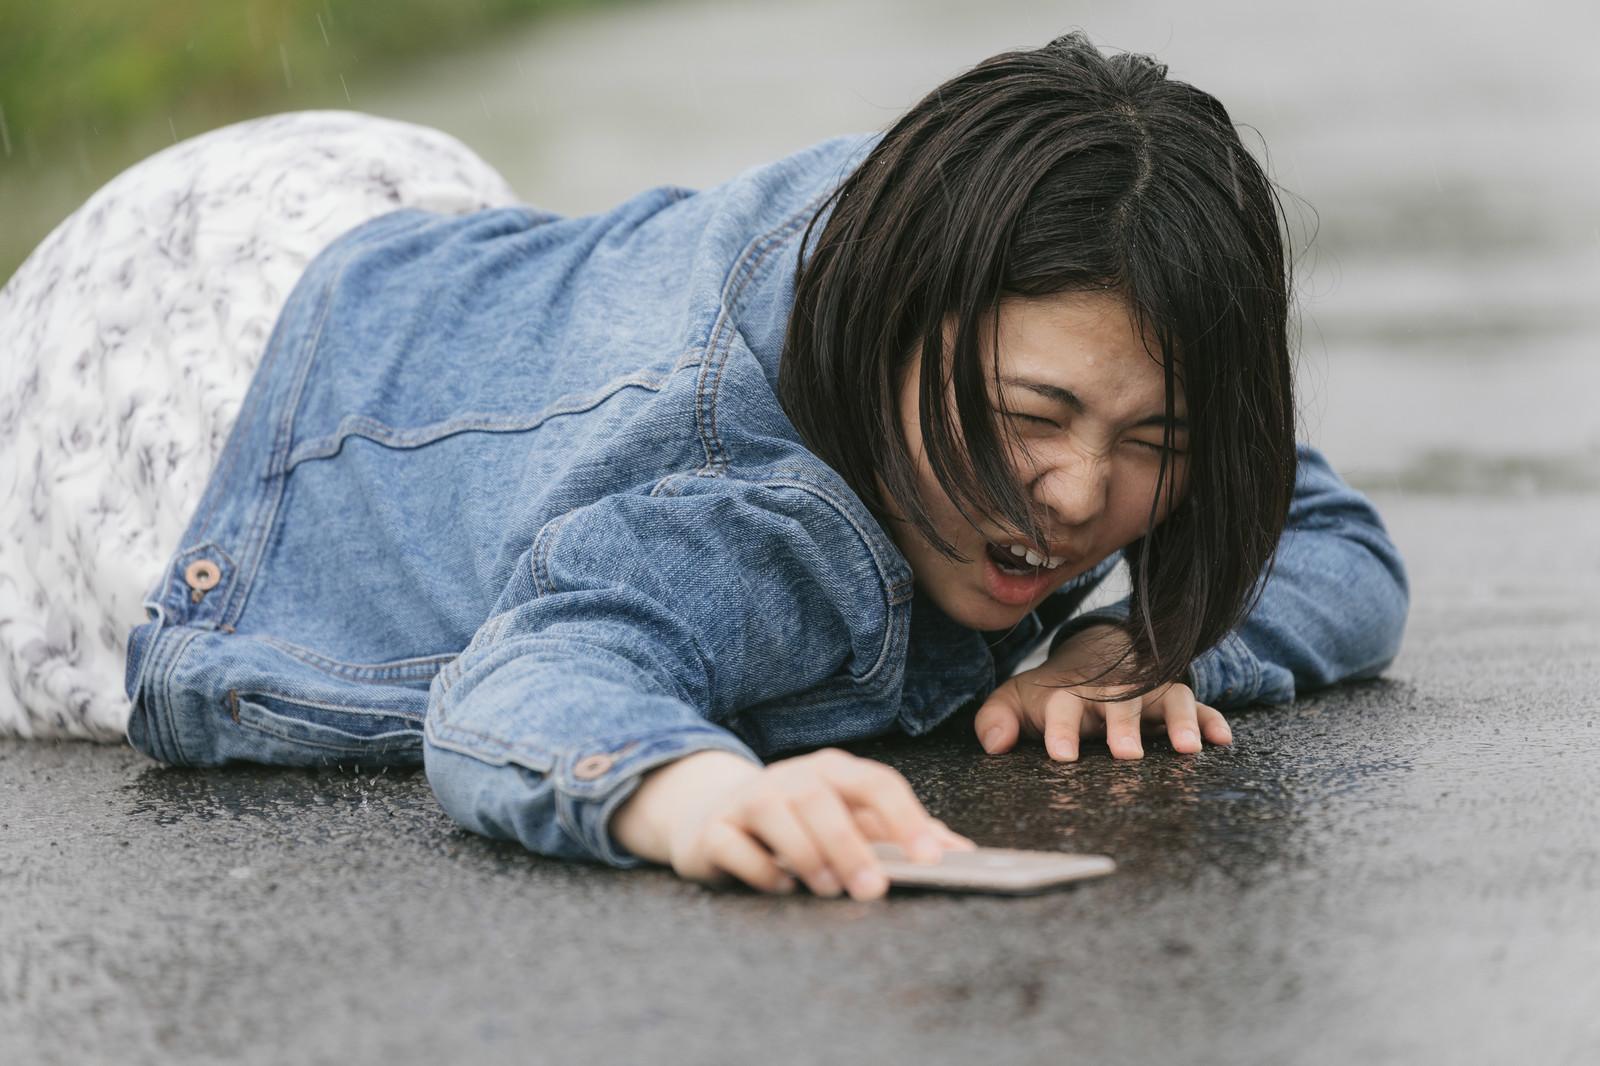 濡れた道路の上で転んで泣いている女性